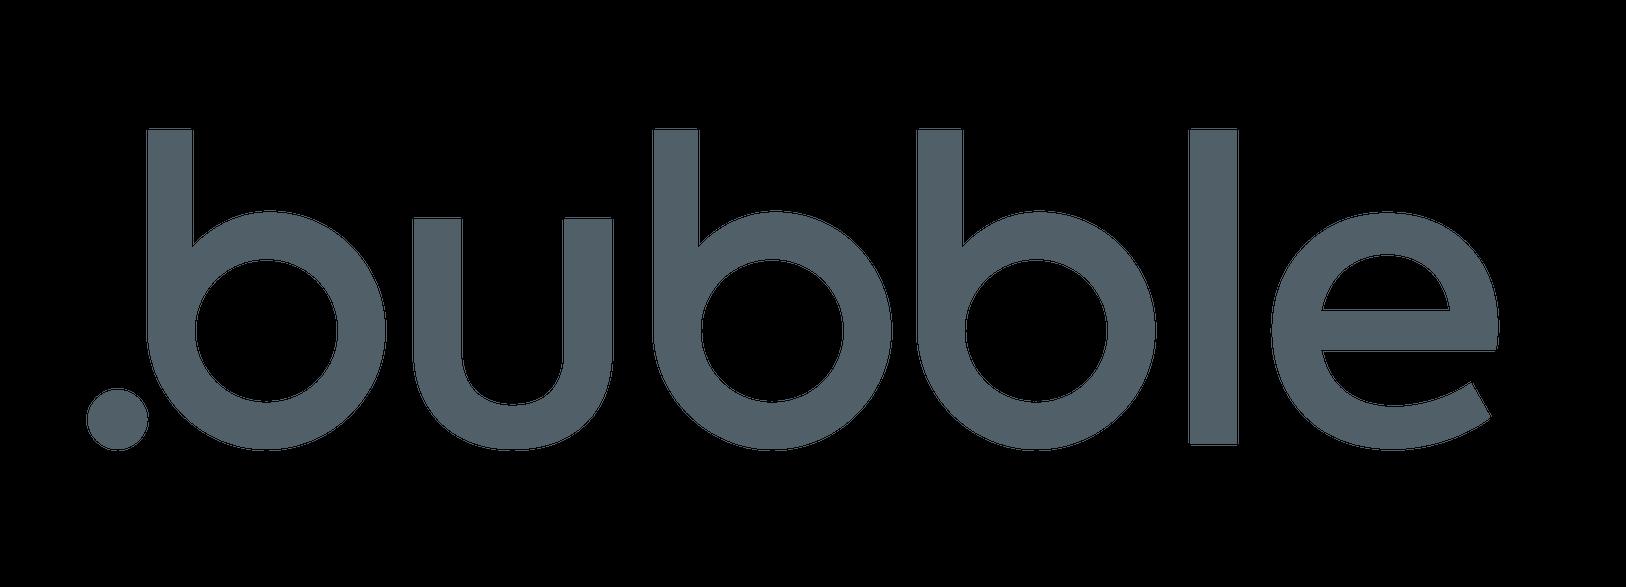 logo of no-code provider bubble